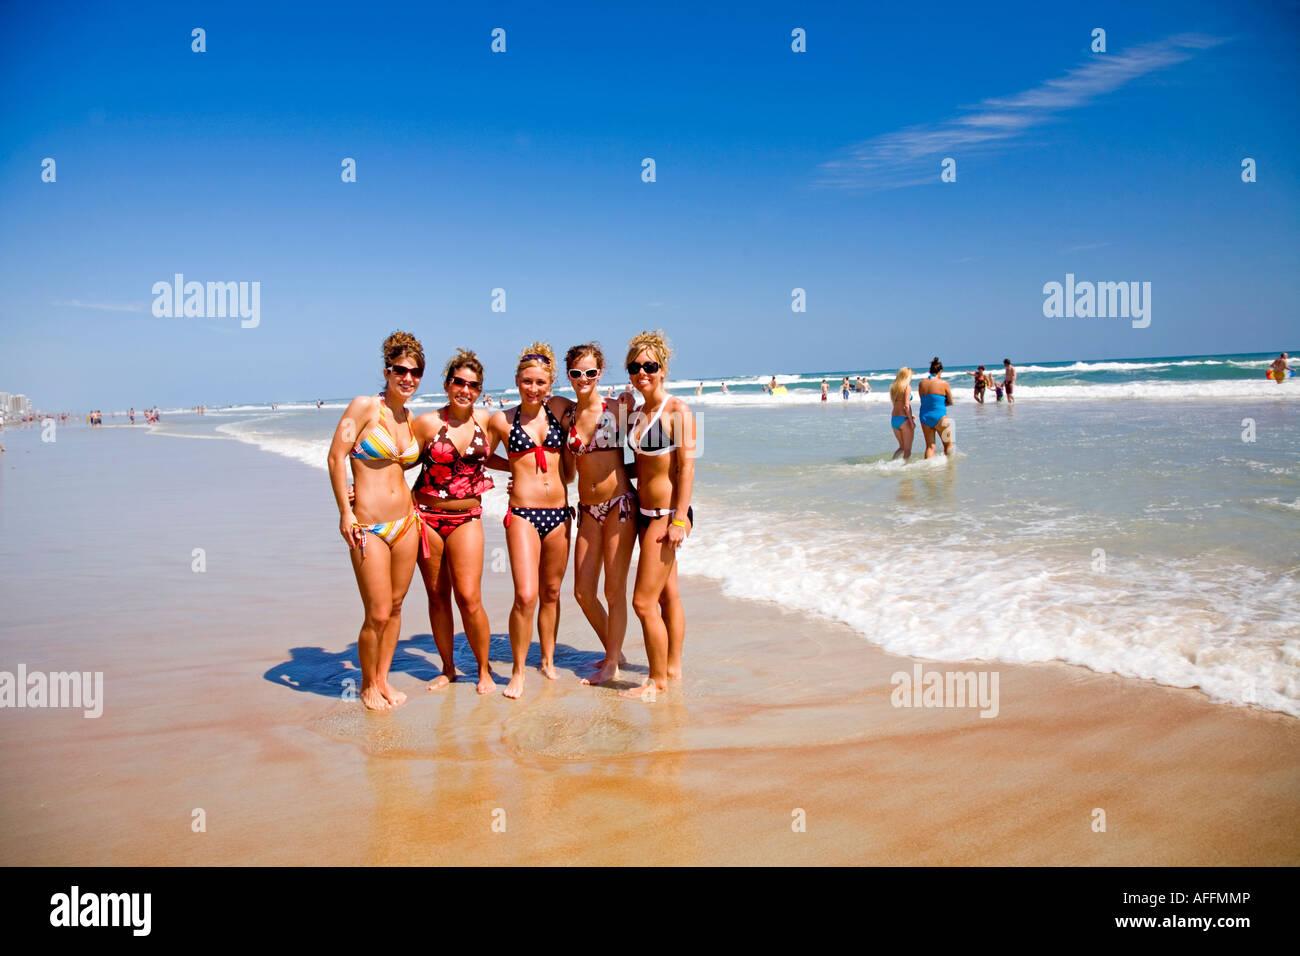 Shark Daytona Beach